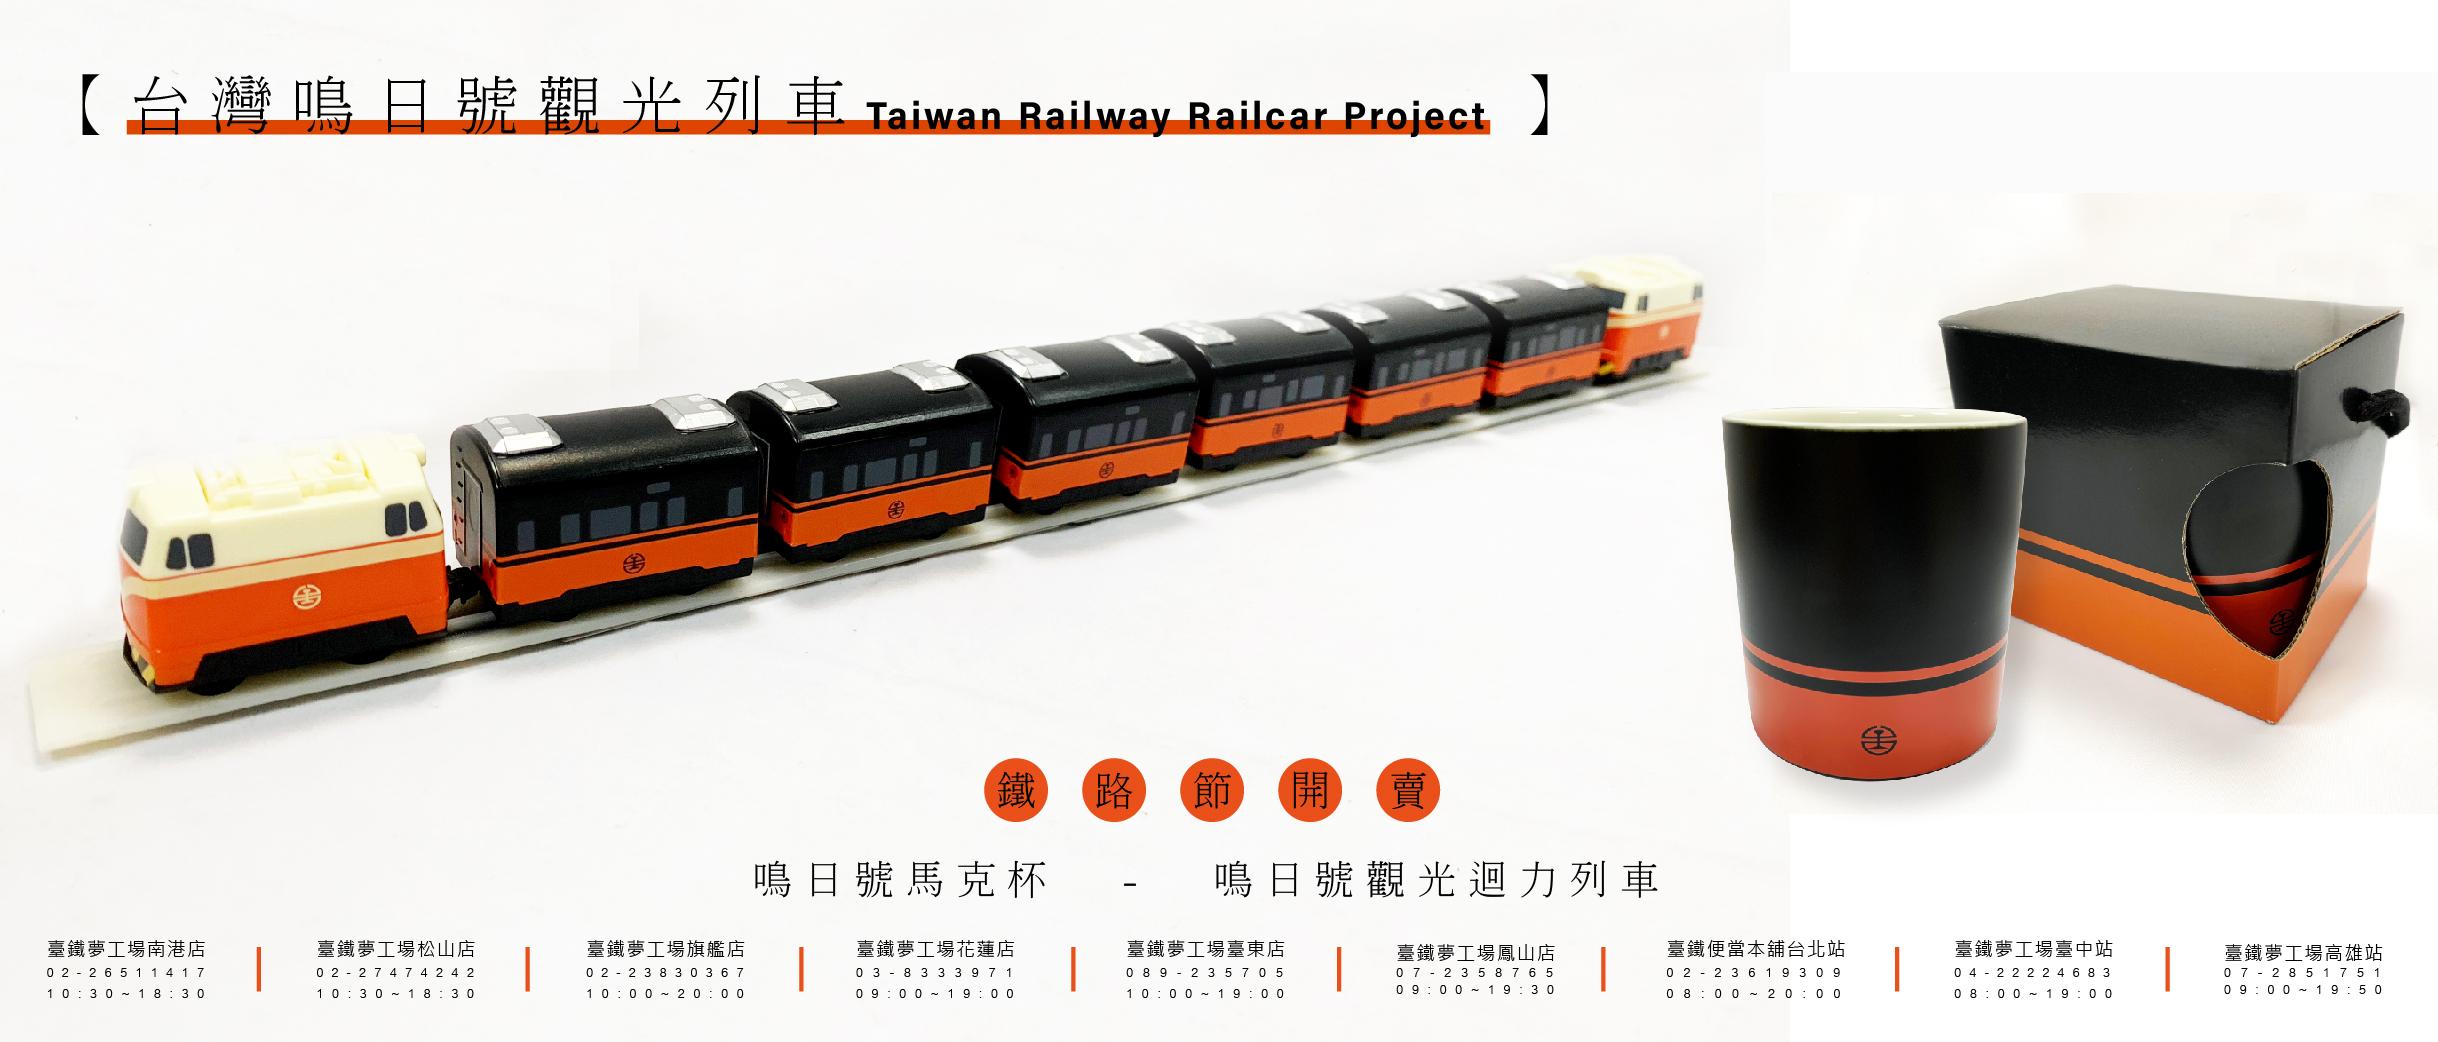 臺鐵133週年「鳴日號」周邊商品鐵路節開賣